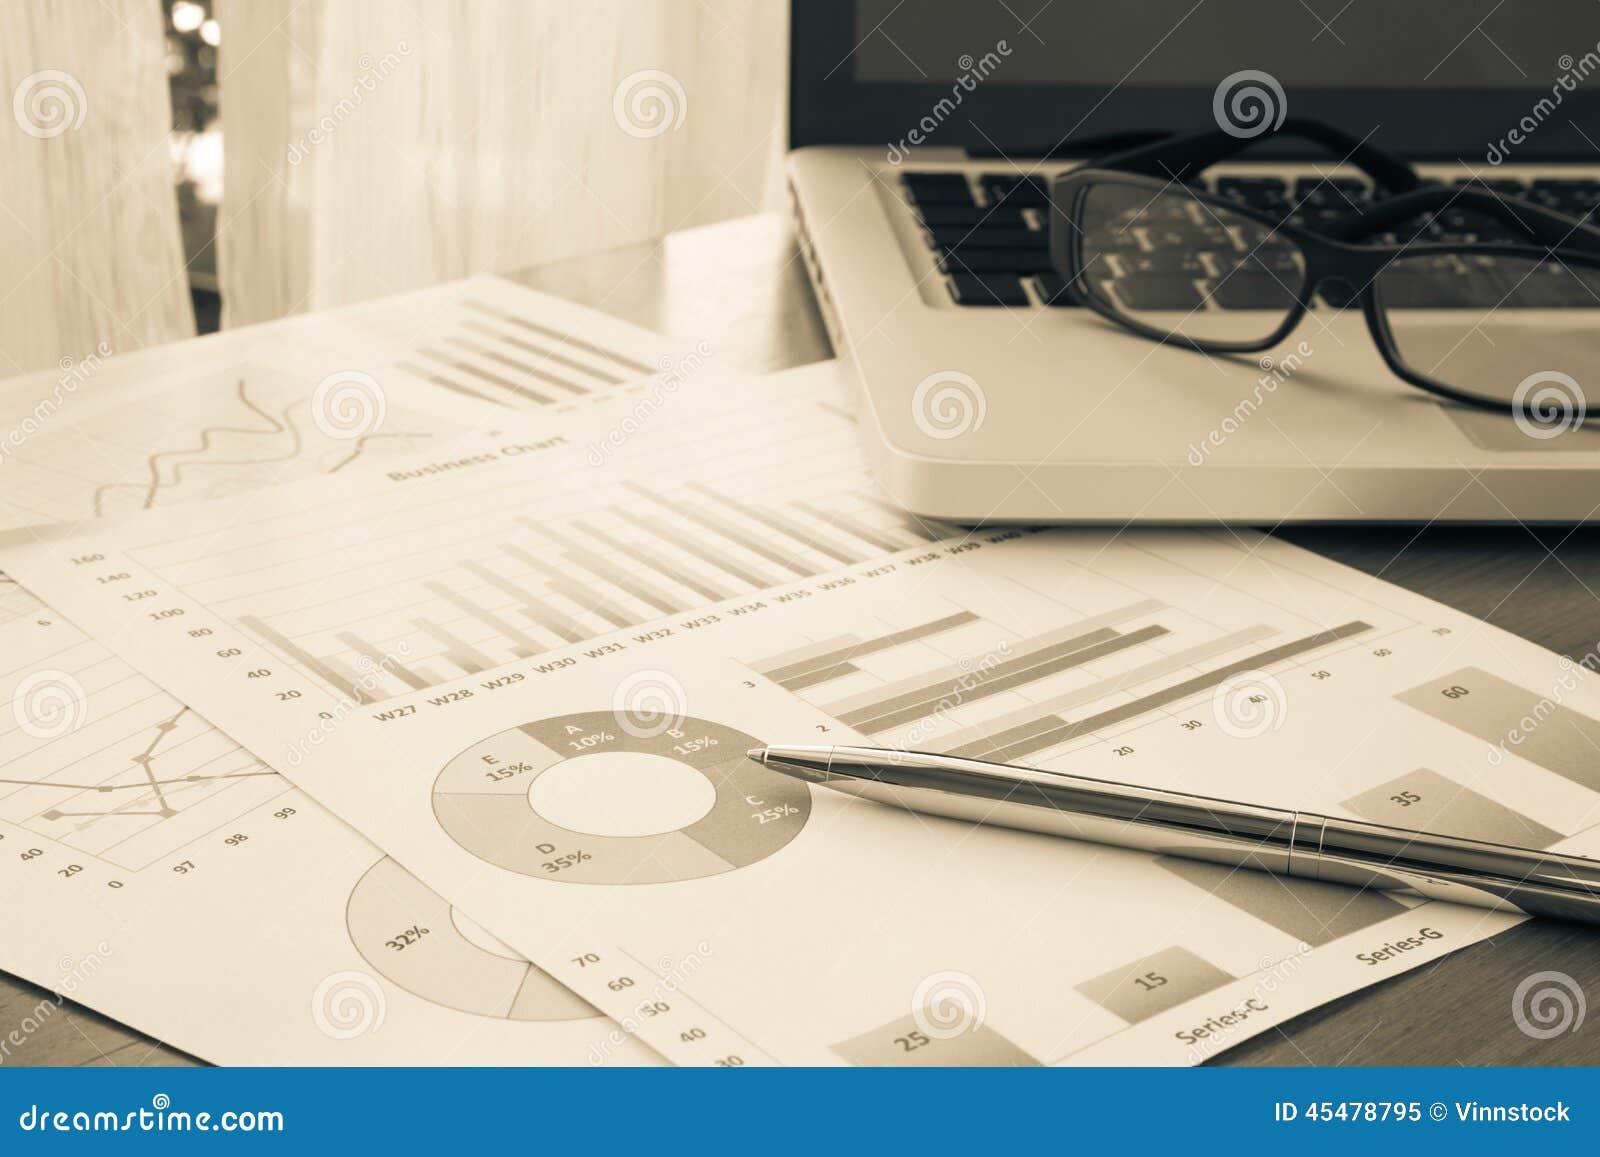 预算计划和财务管理